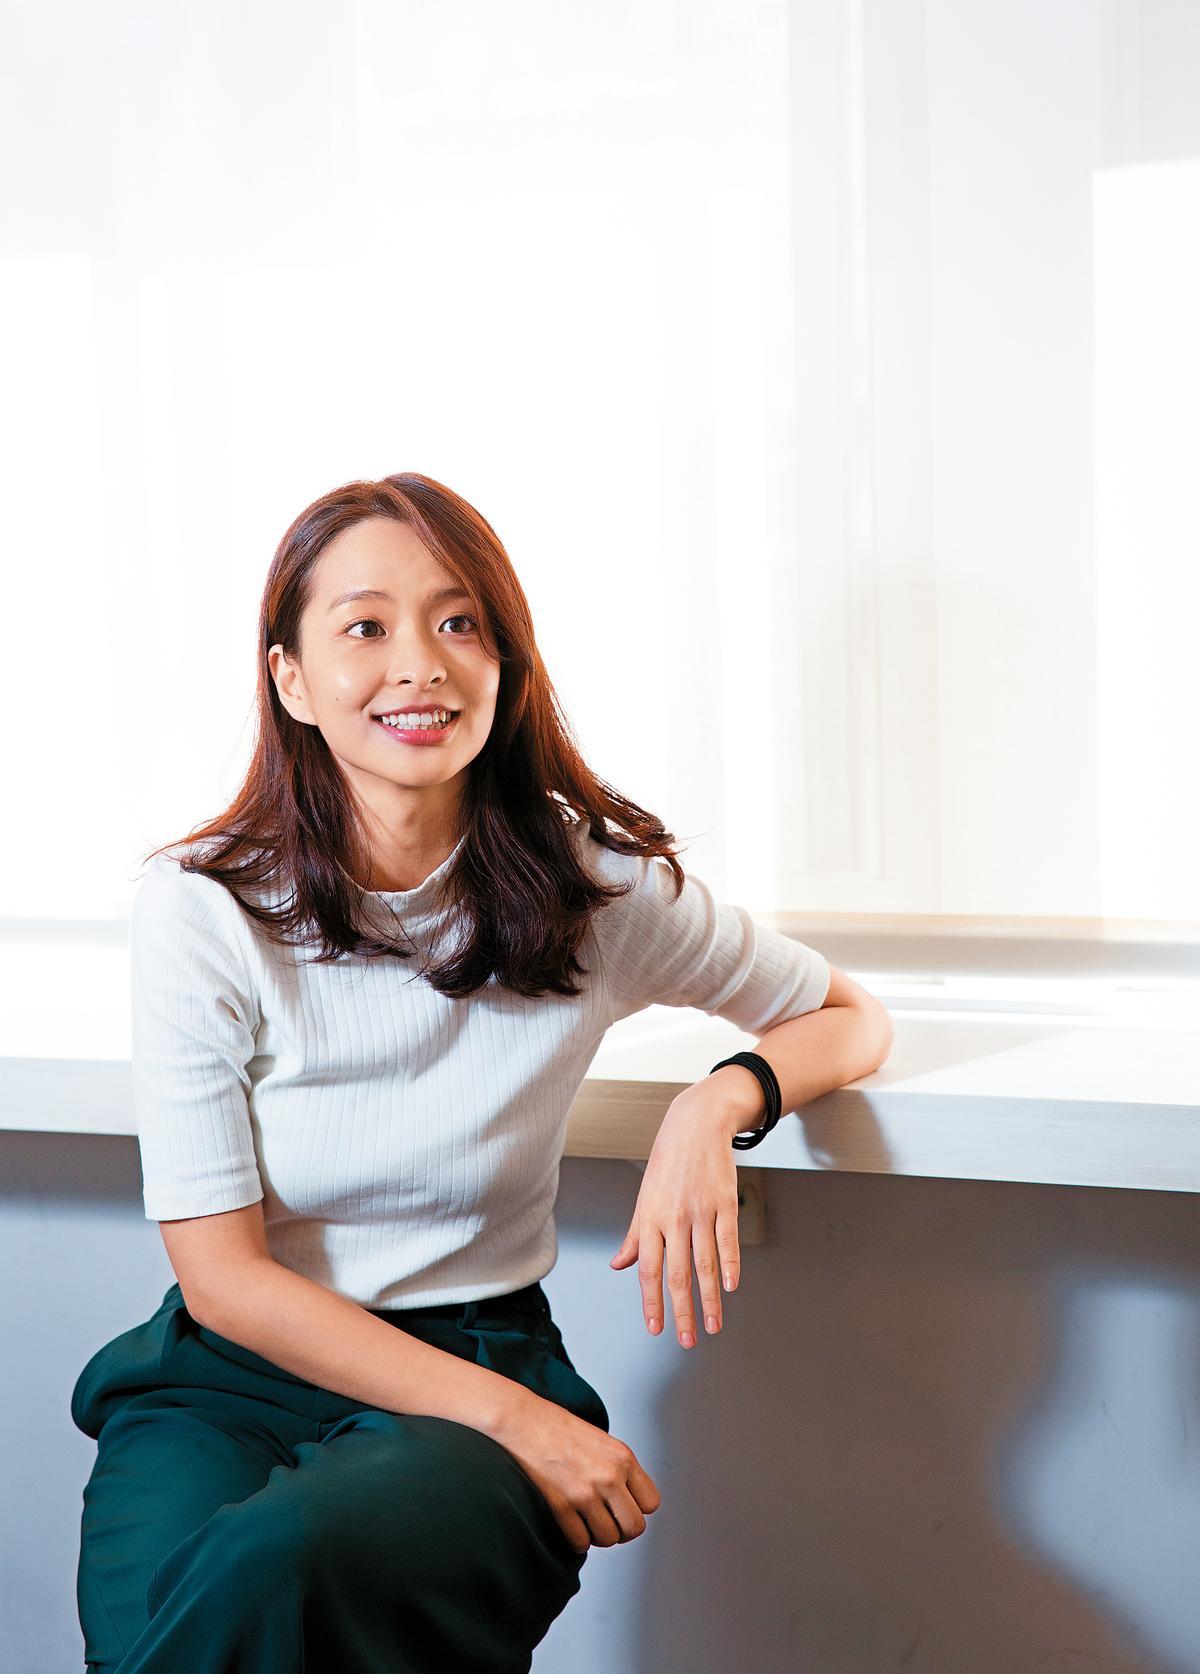 葉星辰是「Q place 」選出的24位新人之一,她形容王小棣就像是心靈導師,洞悉人心,還曾在老師課堂上不自覺淚流滿面。